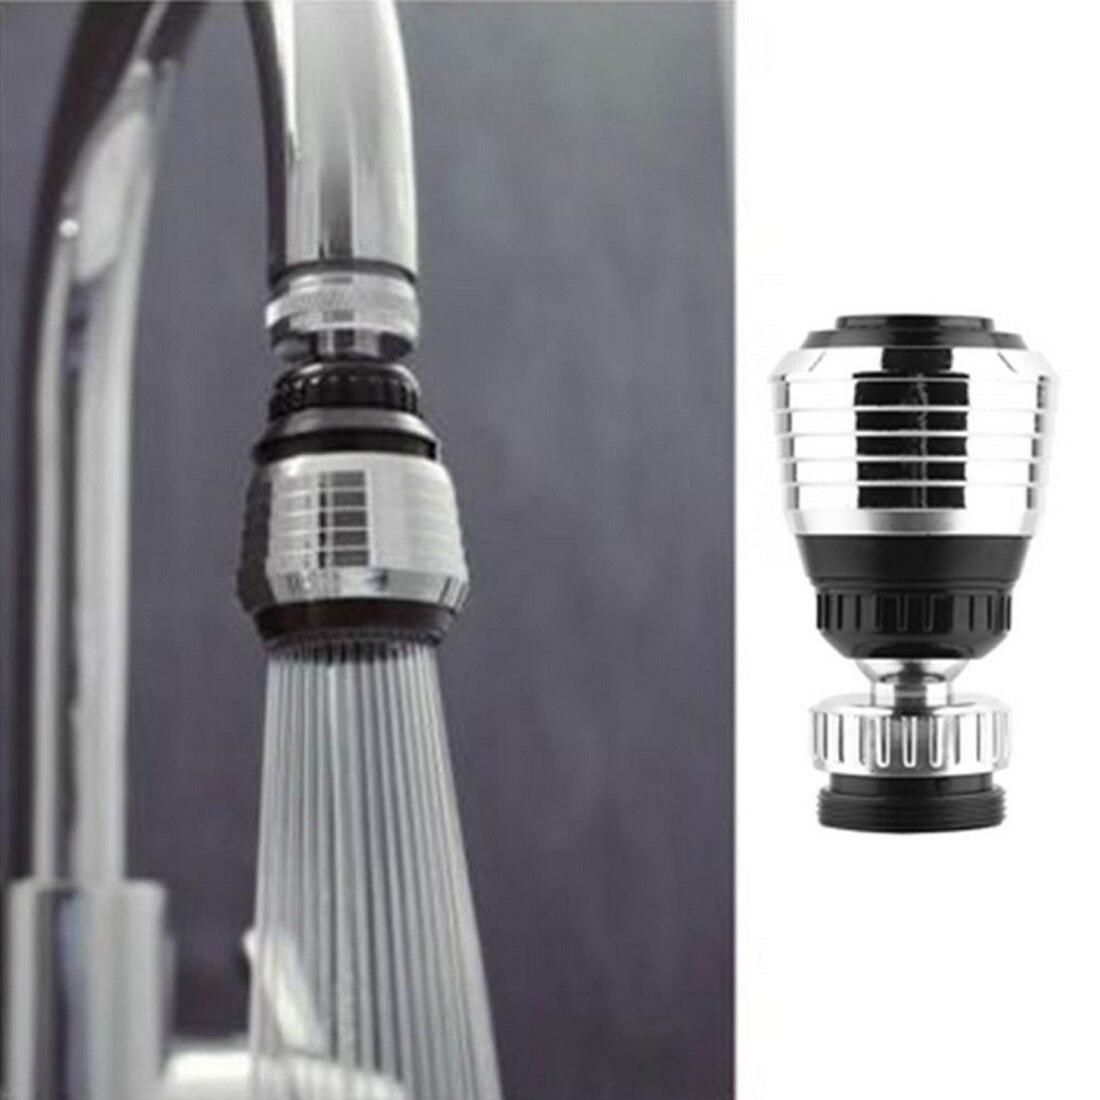 Барботер для смесителя, фильтр для душа, аксессуары для ванной комнаты, кухонный кран, барботер для воды, аэратор, диффузор, насадка для филь...